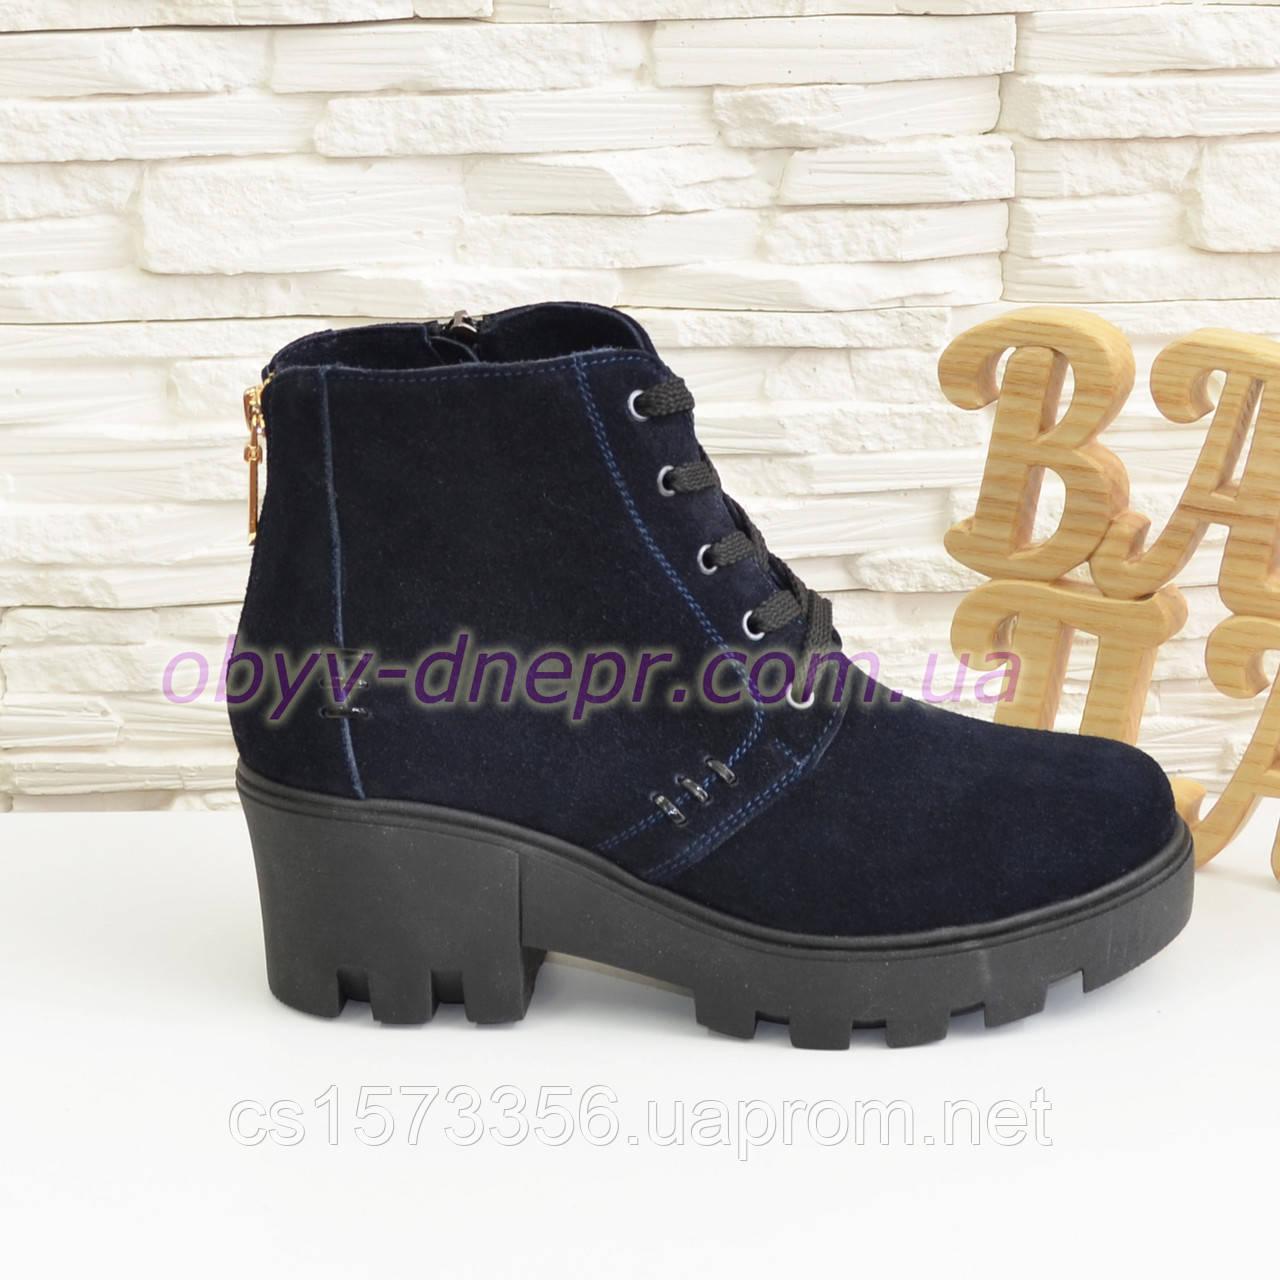 Жіночі демісезонні замшеві черевики на шнурівці, синій колір.